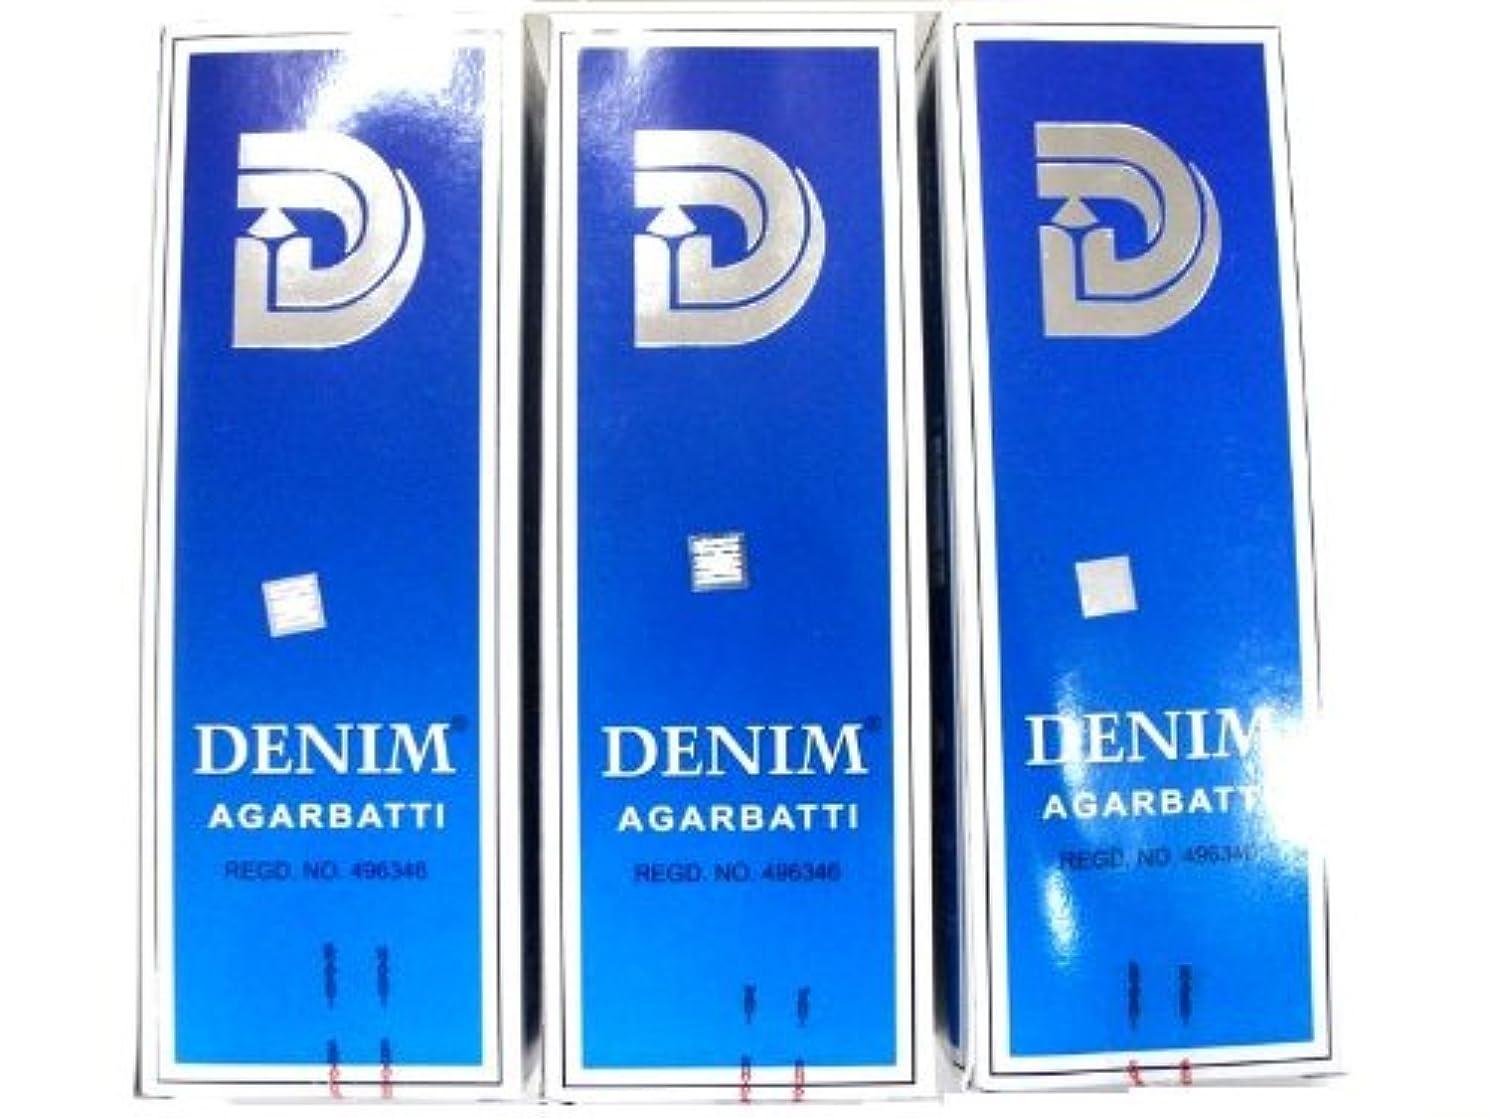 SHASHI スティックお香/六角香/ヘキサパック(18箱)3ケースセット(デニム)